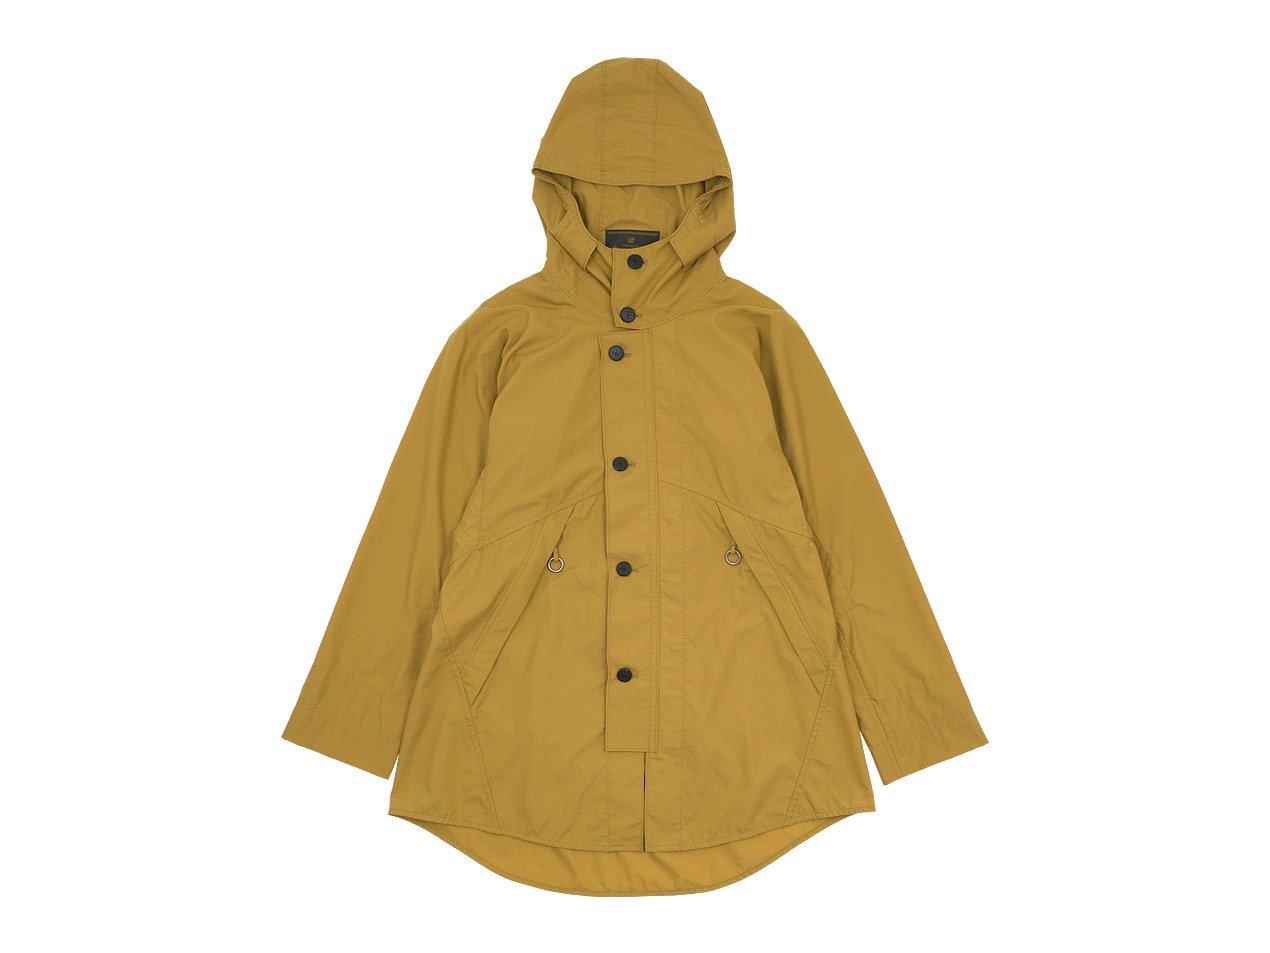 POSTALCO Free Arm Rain Jacket Yellow Ochre